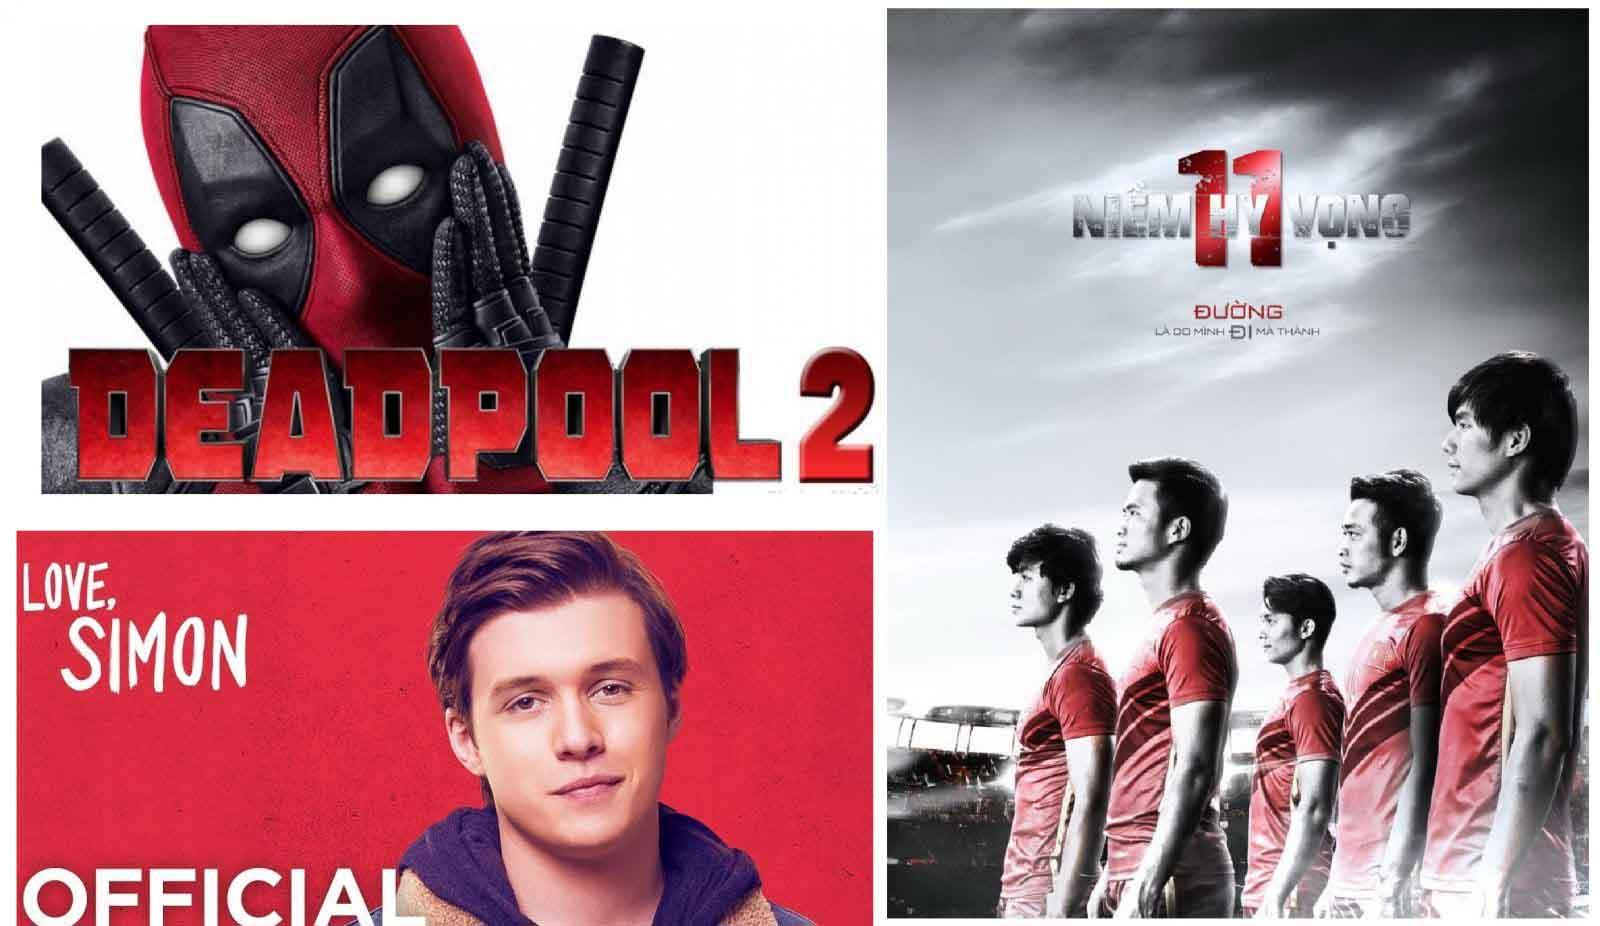 Phim chiếu rạp tháng 5: Deadpool 2 hứa hẹn khuynh đảo phòng vé